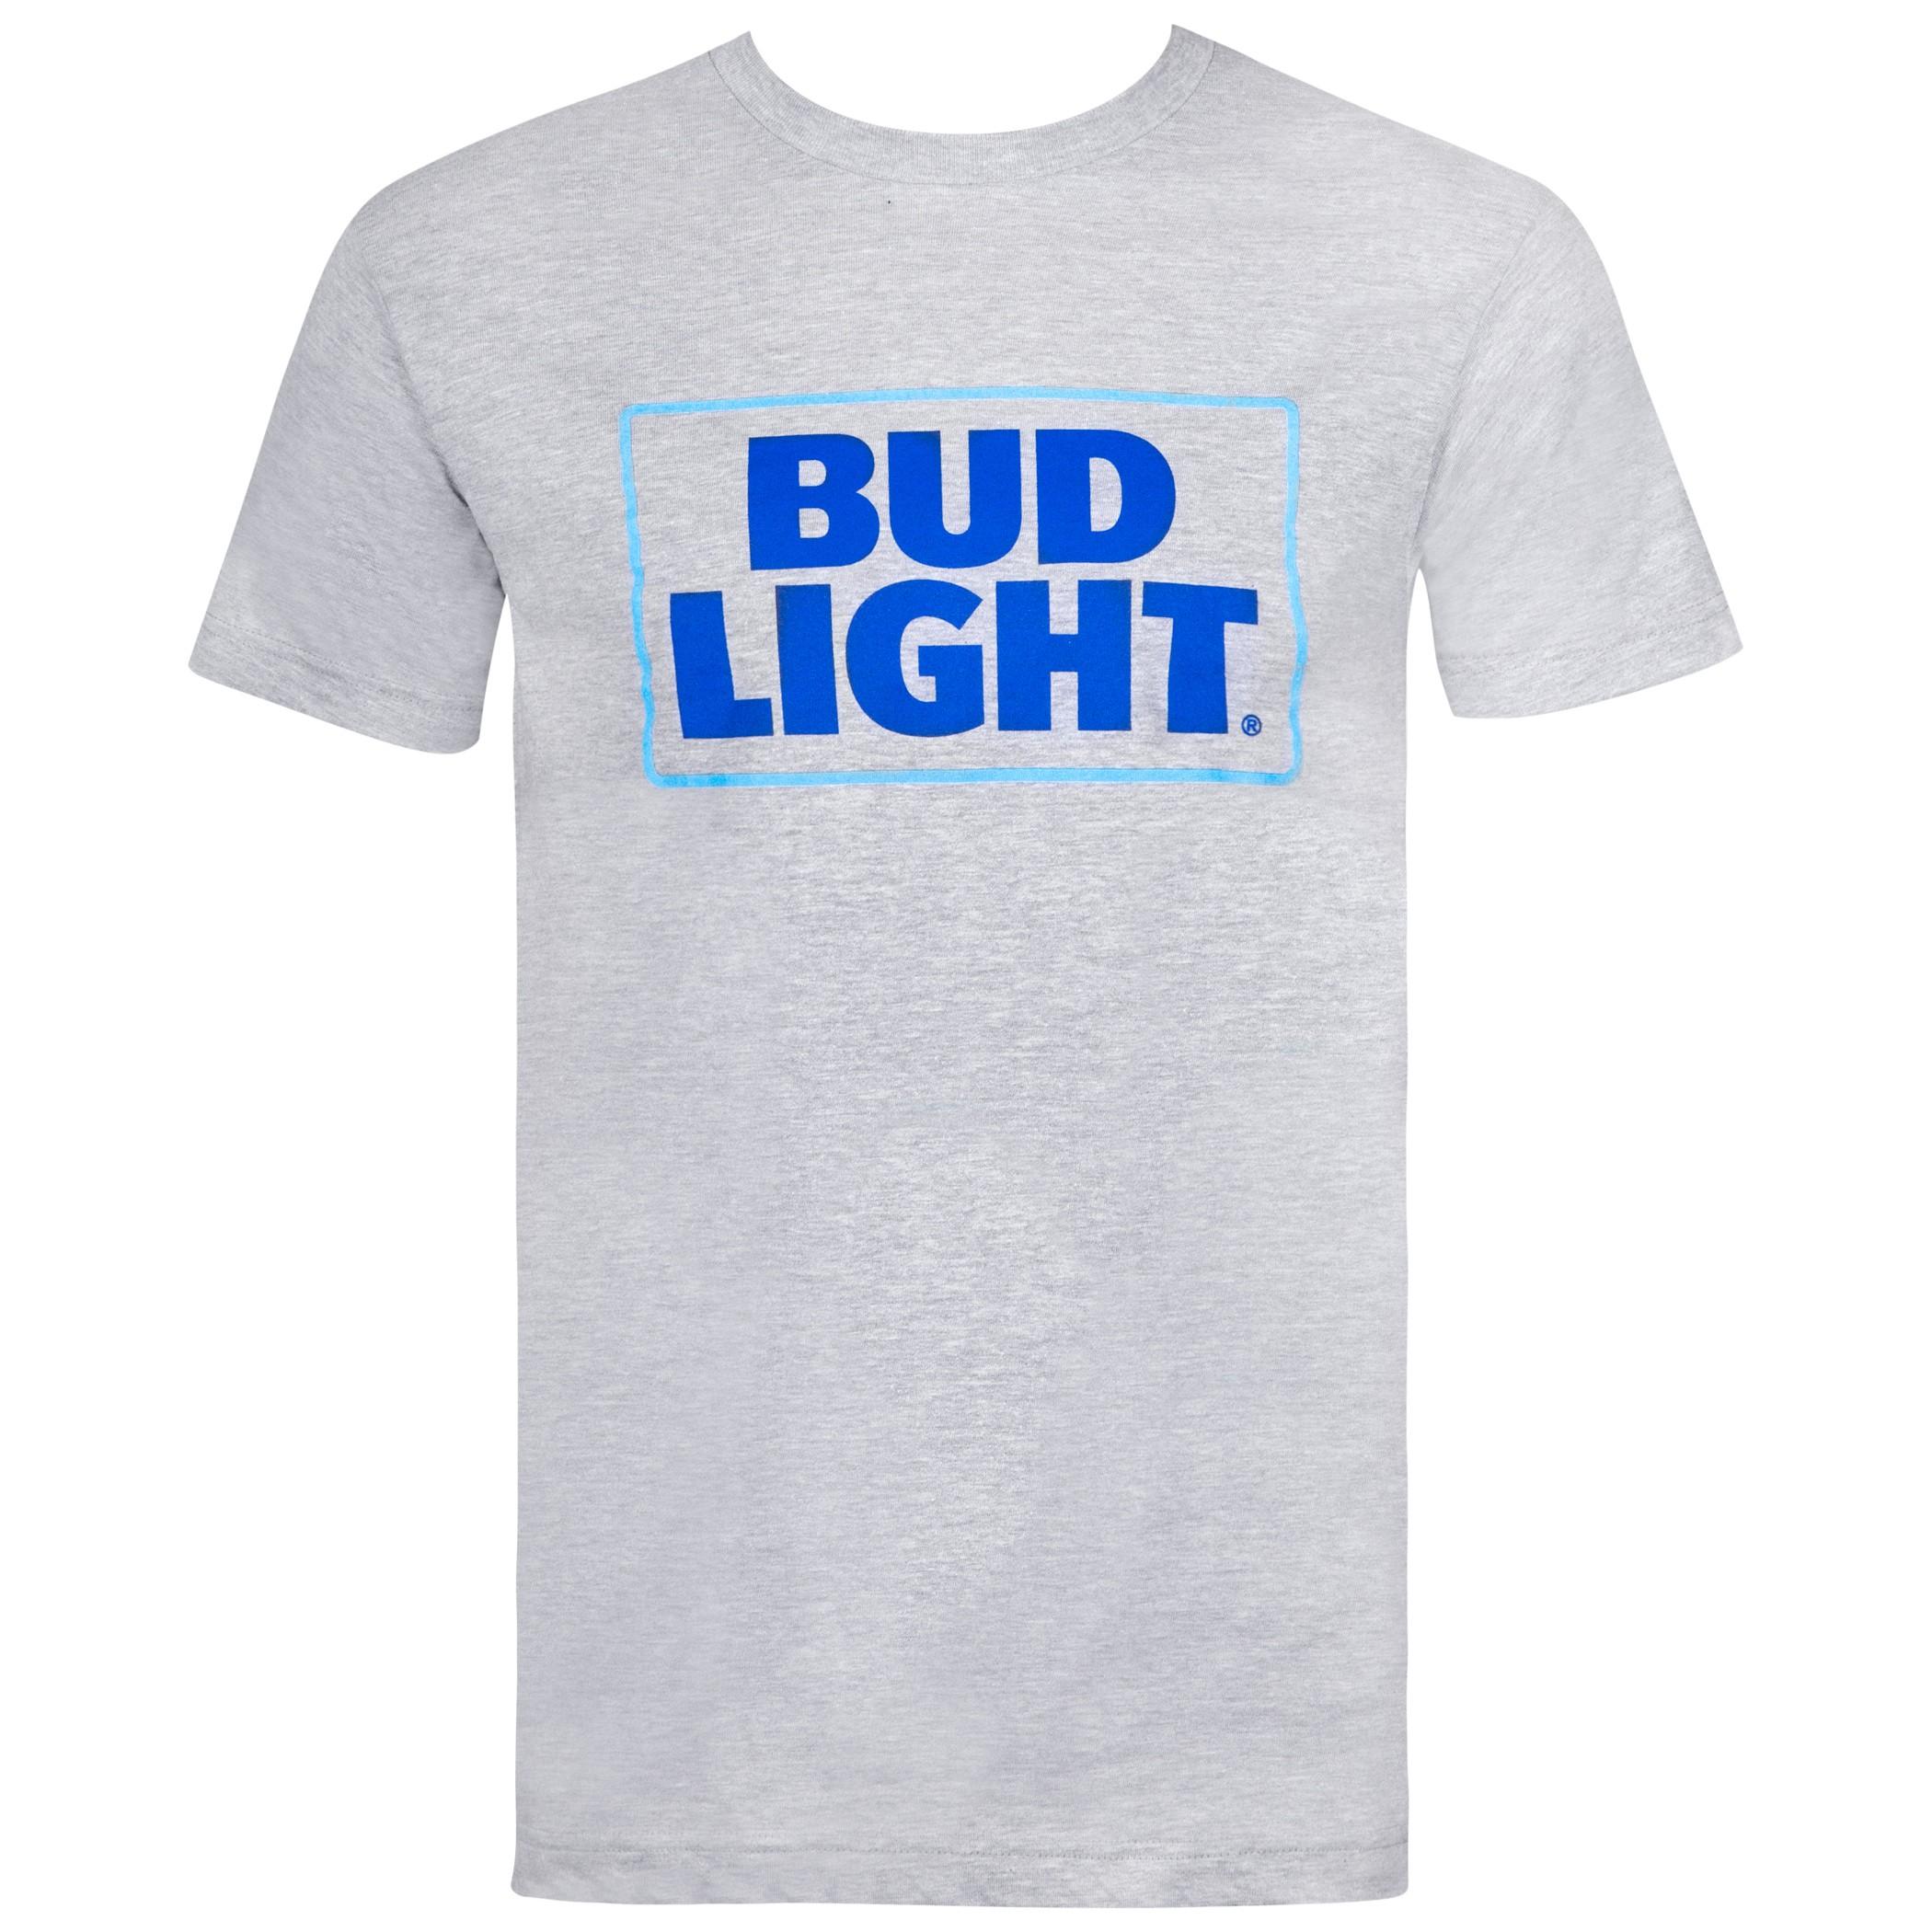 Bud Light Box Logo Grey Tshirt